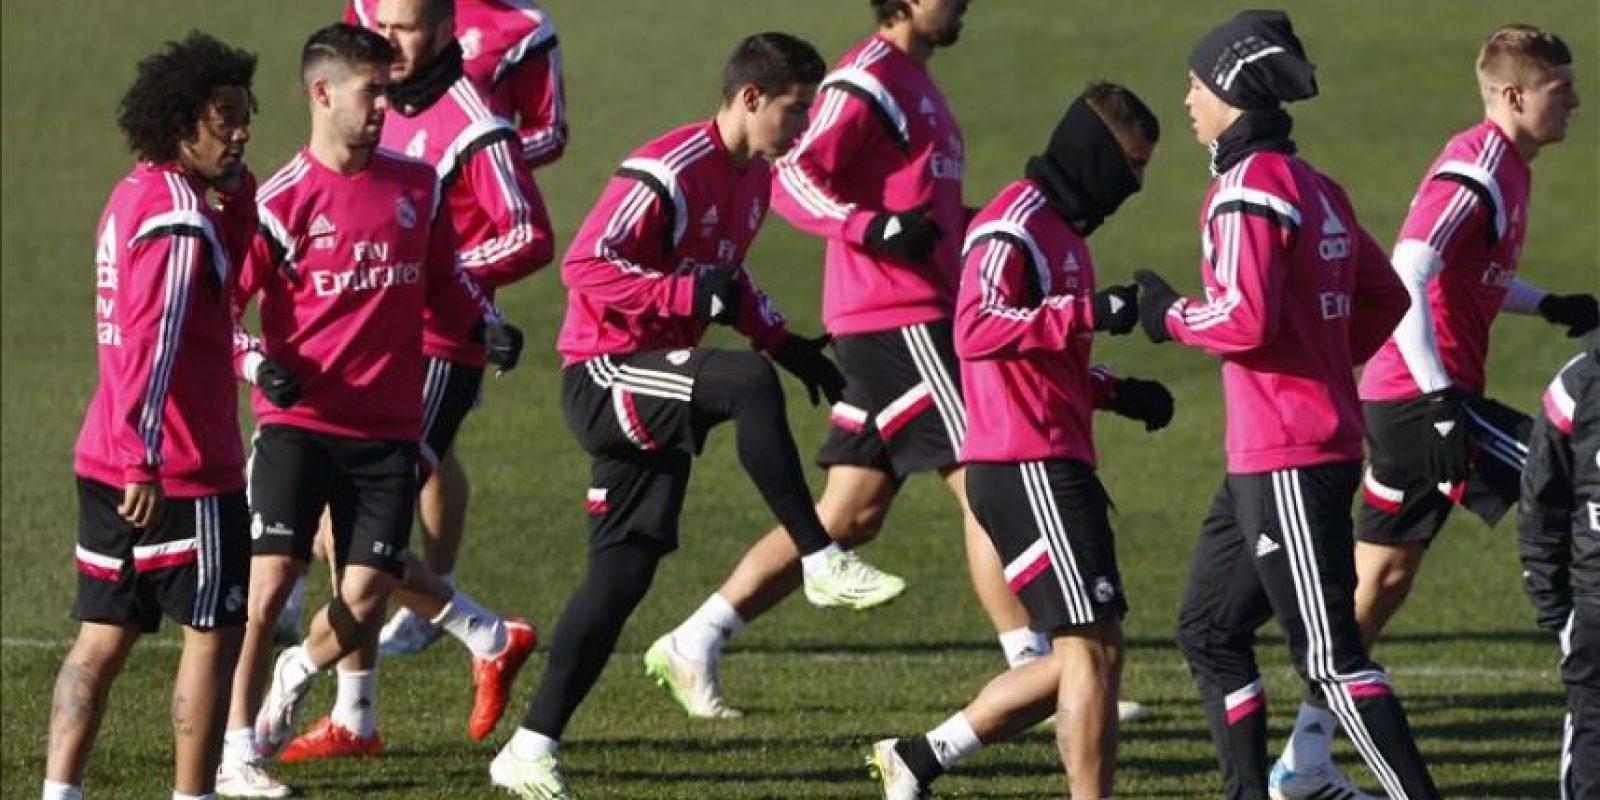 Los jugadores del Real Madrid, durante el entrenamiento que el equipo realizó hoy en la Ciudad deportiva de Valdebebas de cara al partido de liga que disputarán mañana domingo contra el Getafe. EFE